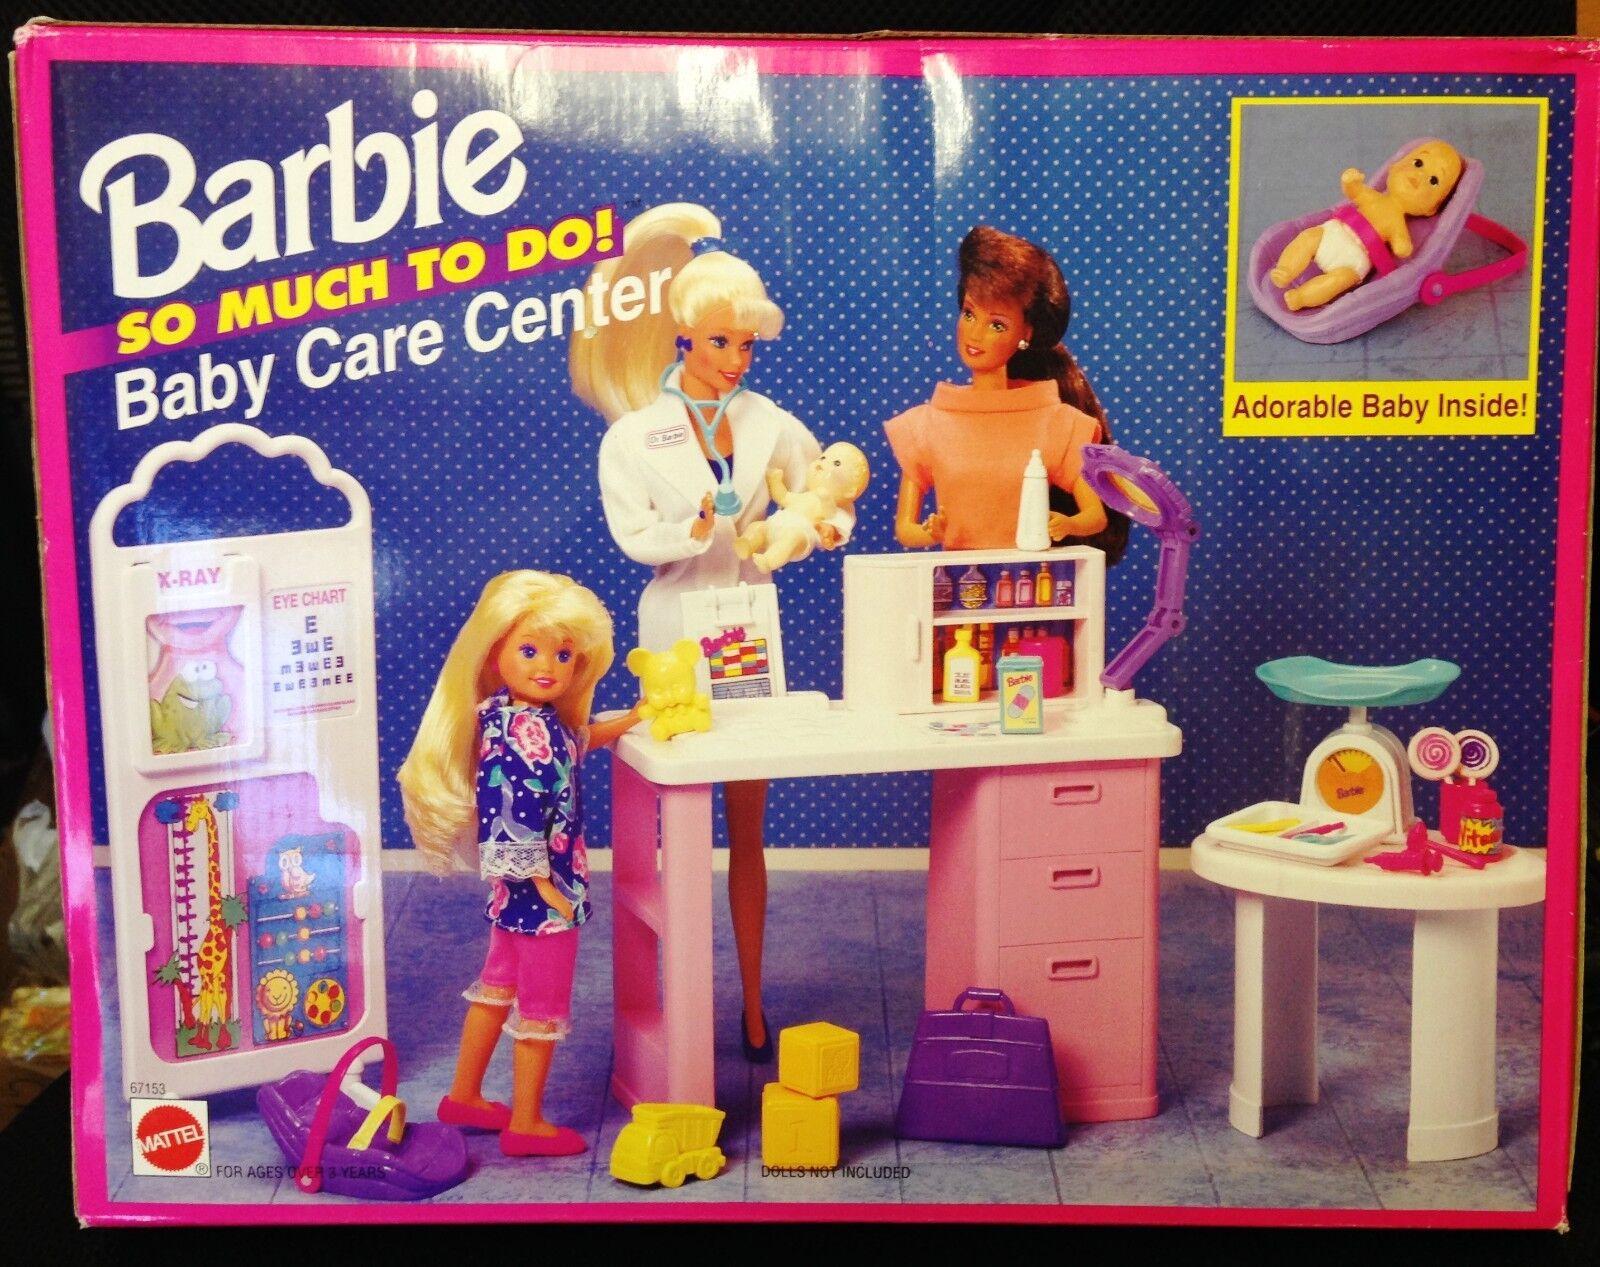 Barbie so Much To Do Baby Care Center Spielset  67153 1995BrandneuMattel